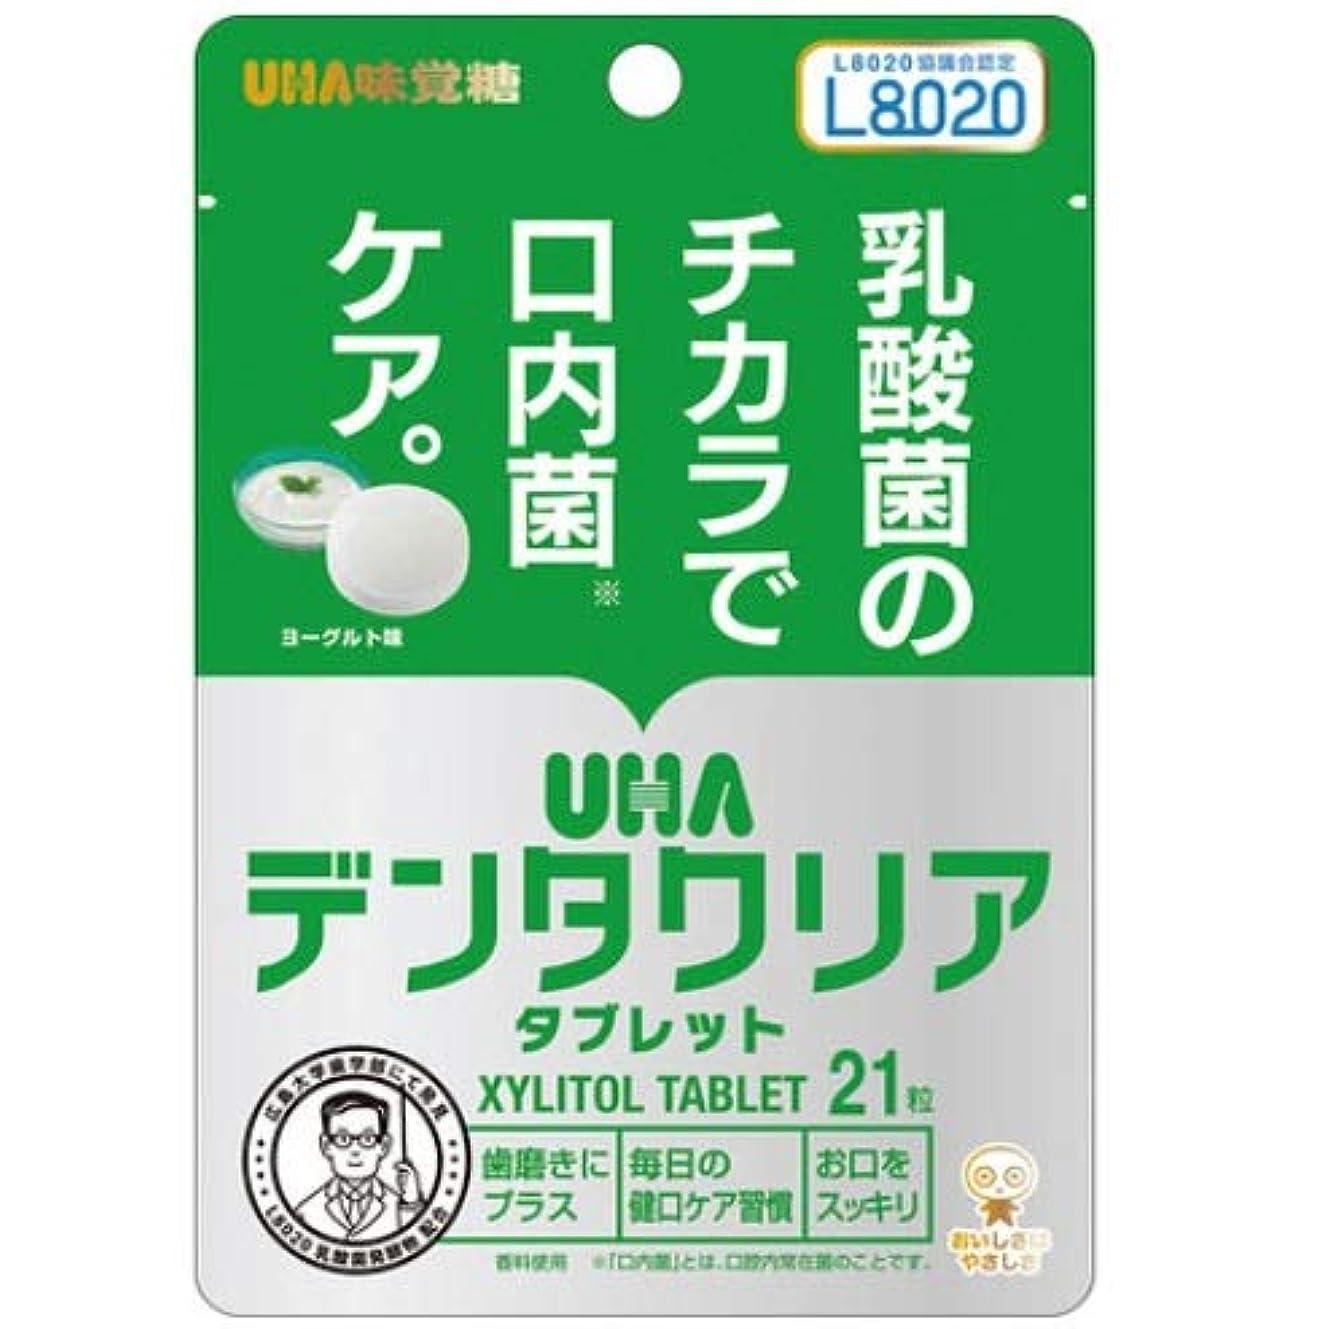 一口生産的医師UHA味覚糖 デンタクリア タブレット ヨーグルト 21粒×2個セット